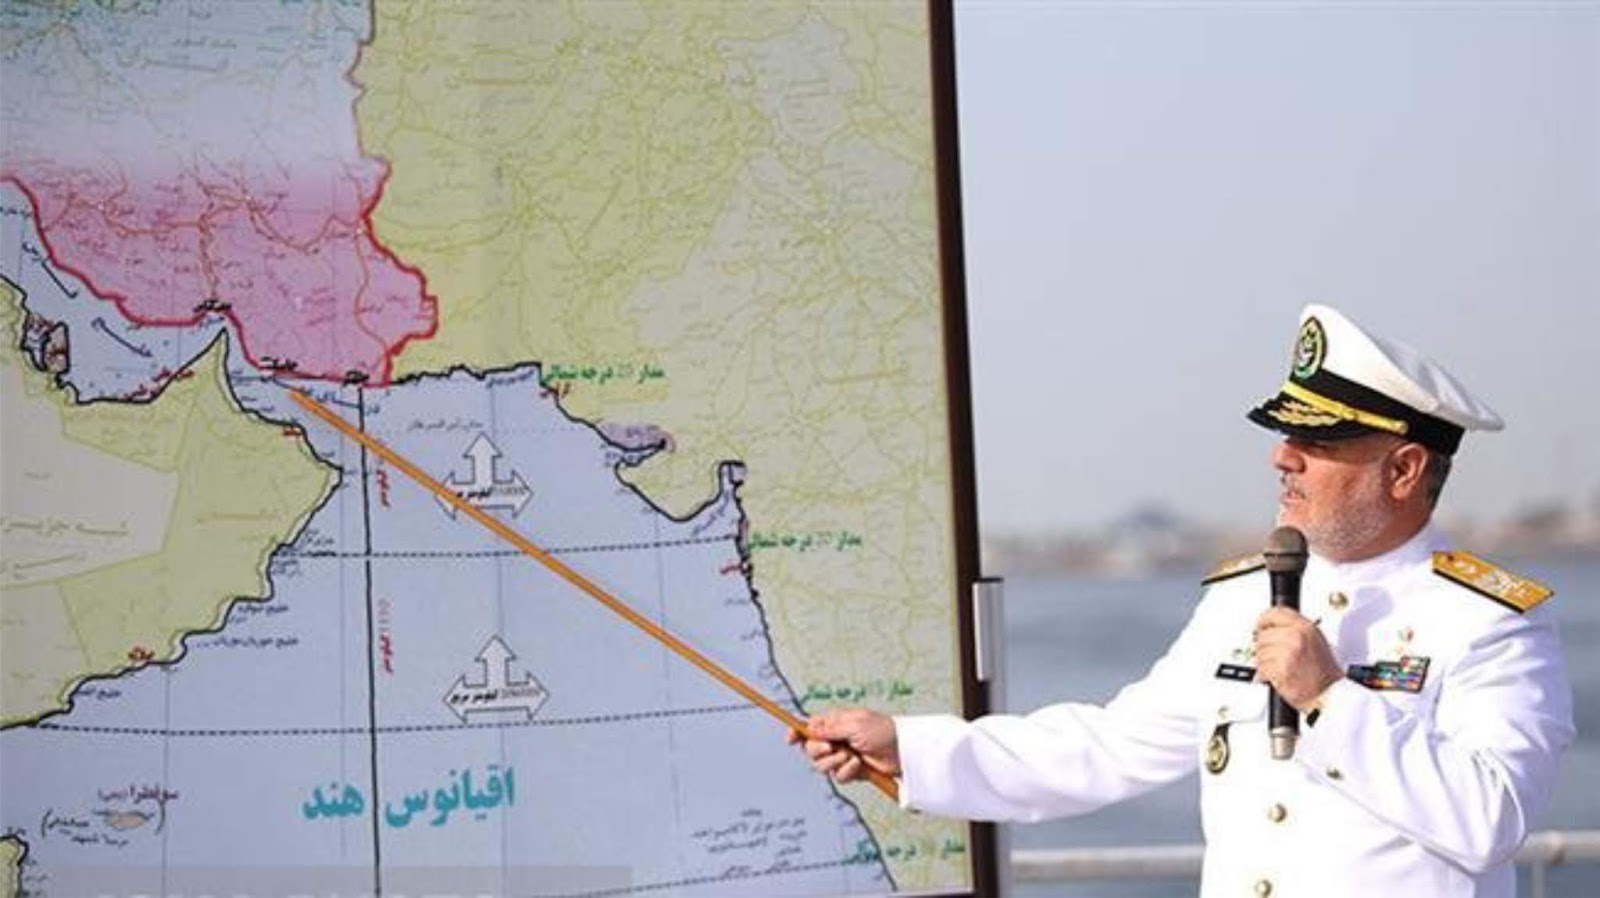 Iran memulai latihan angkatan laut skala besar di Teluk Persia, Laut Oman